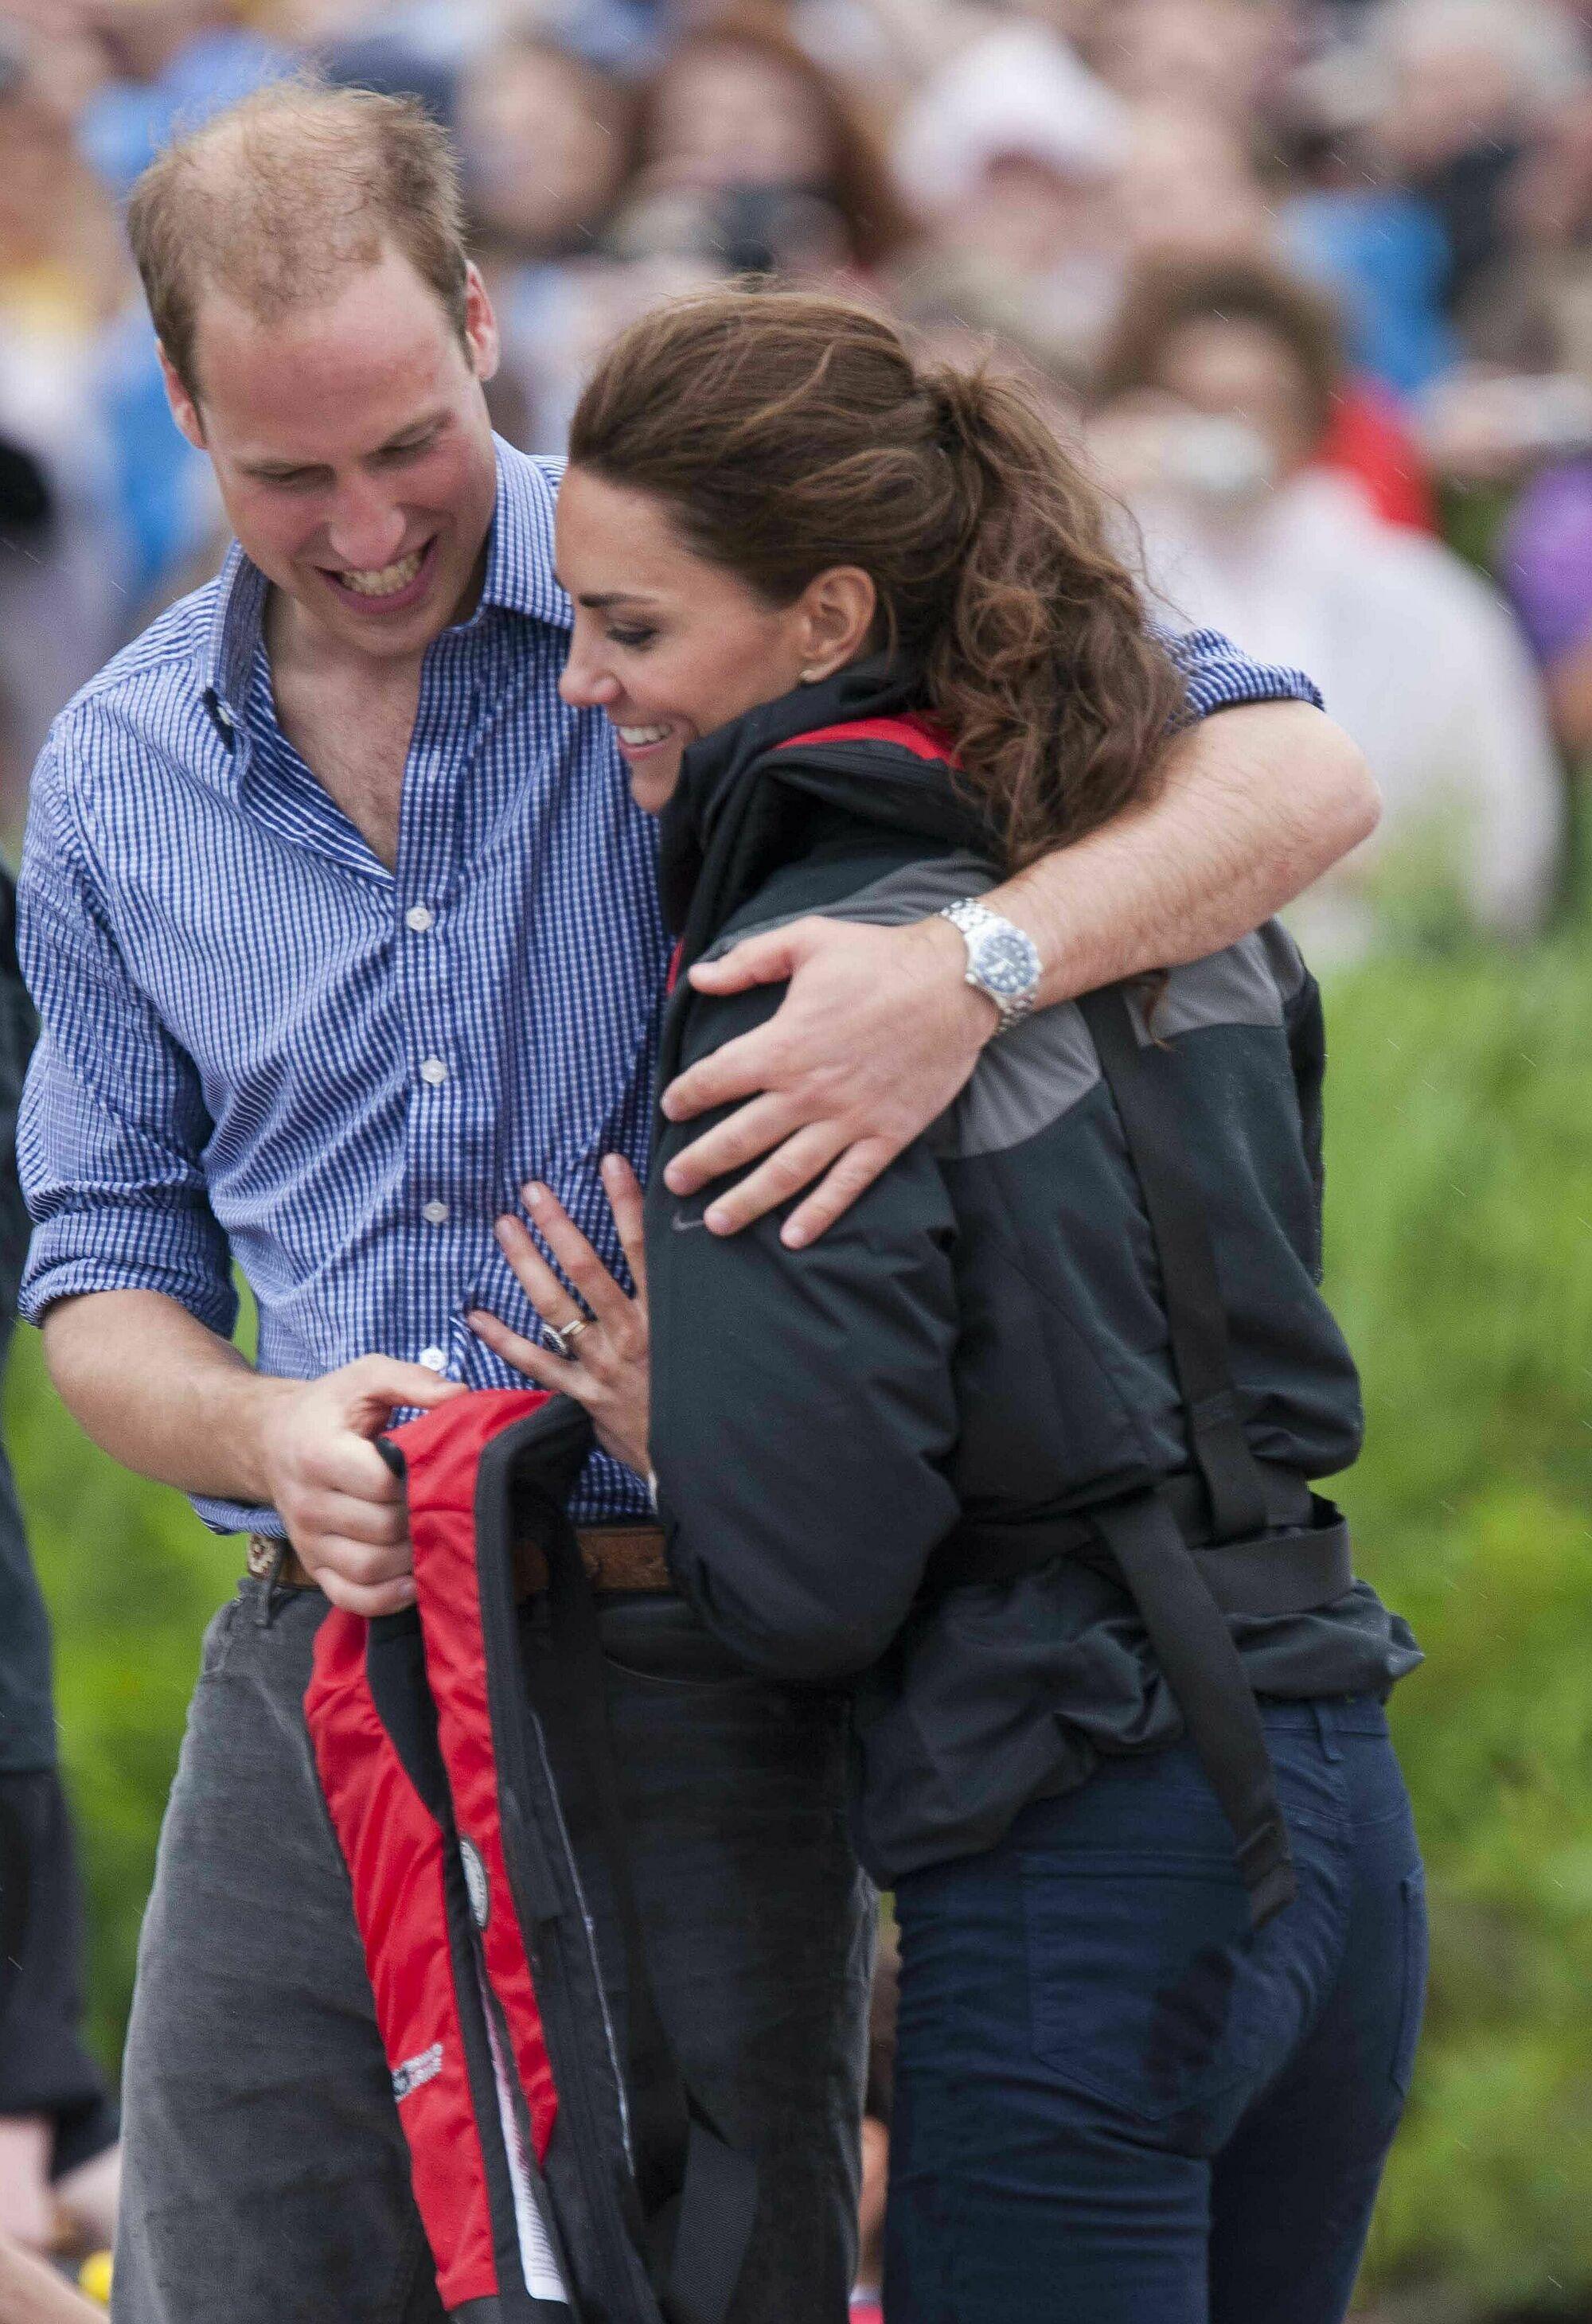 William dành cho Kate một cái ôm an ủi sau khi đánh bại cô trong cuộc đua thuyền.